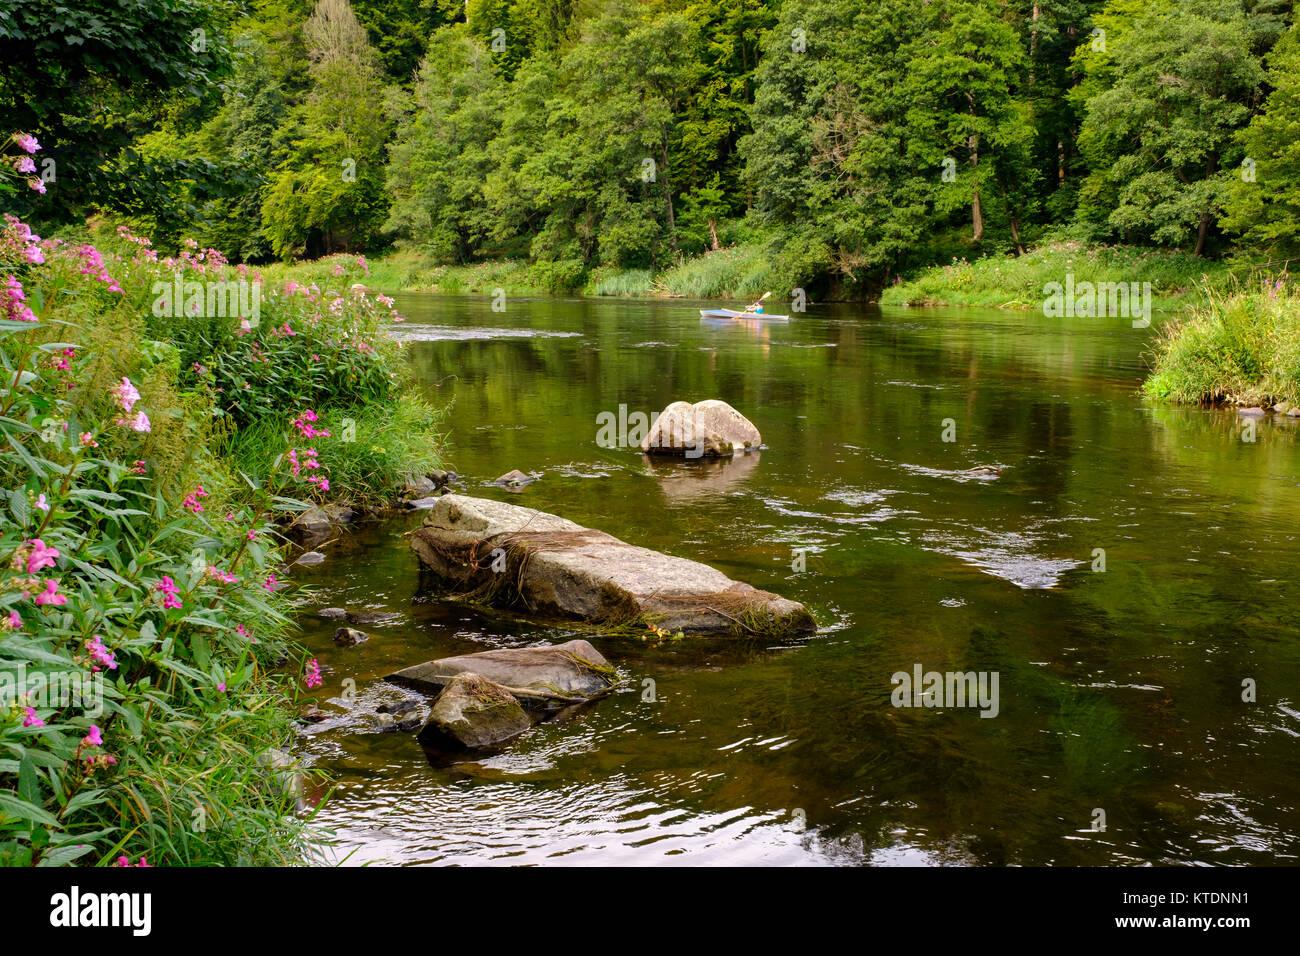 Drüsiges Springkraut, Faltboot, Fluss Regen, bei Regenstauf, Bayerischer Wald, Oberpfalz, Bayern, Deutschland Stock Photo